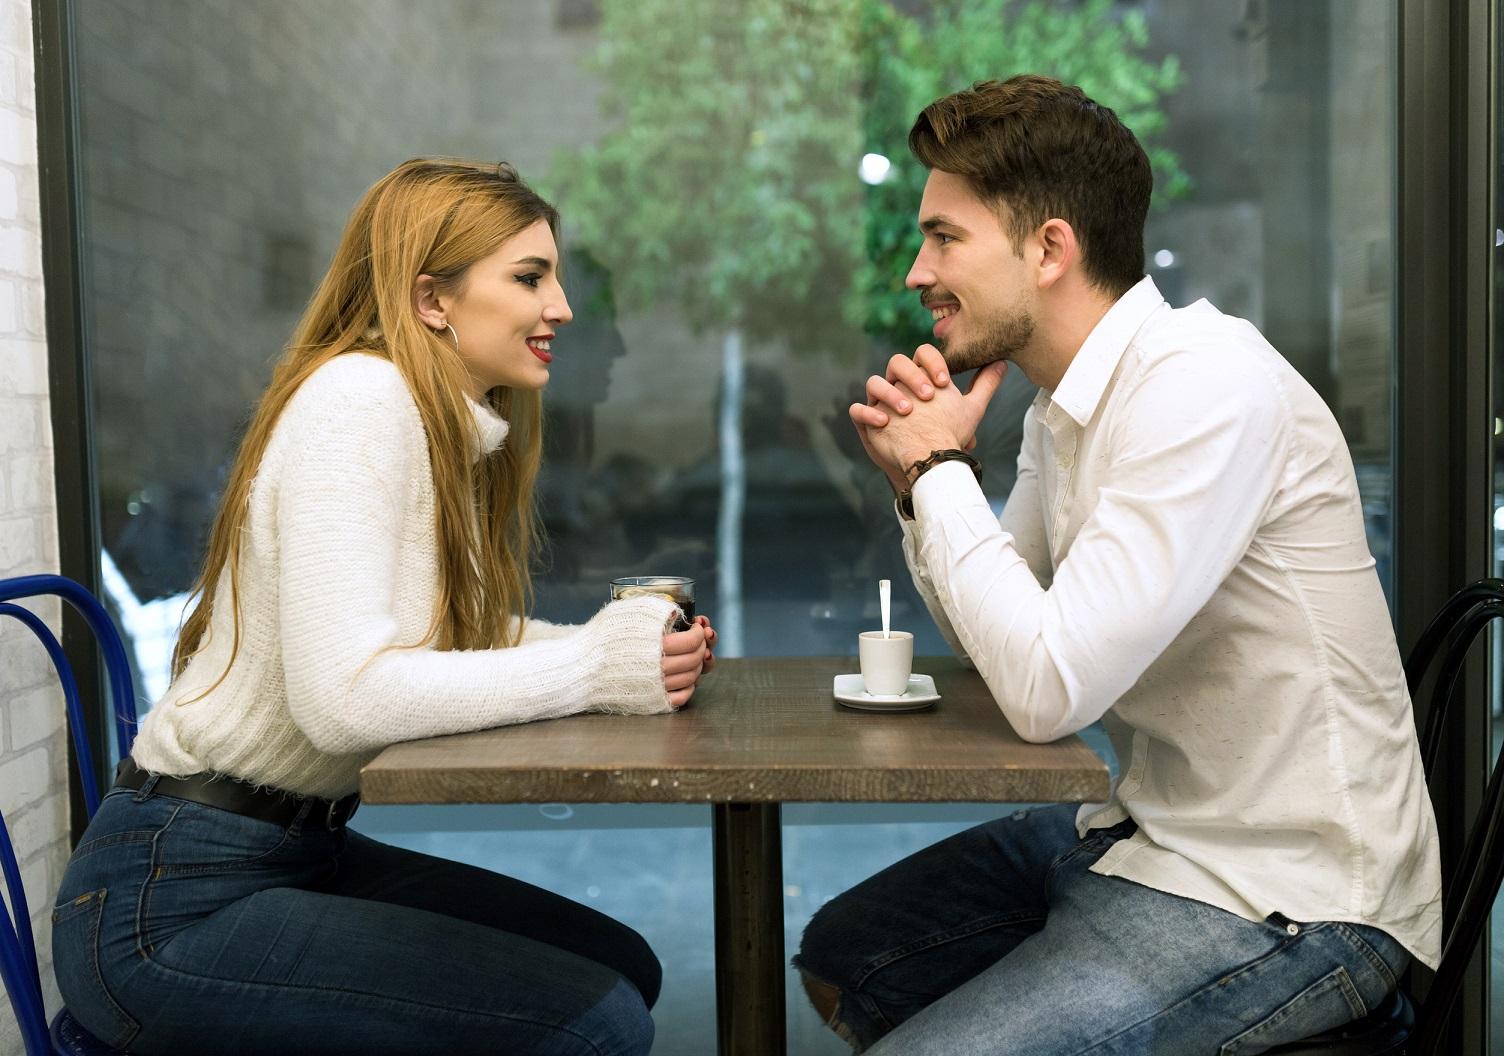 randění s snobským chlapem